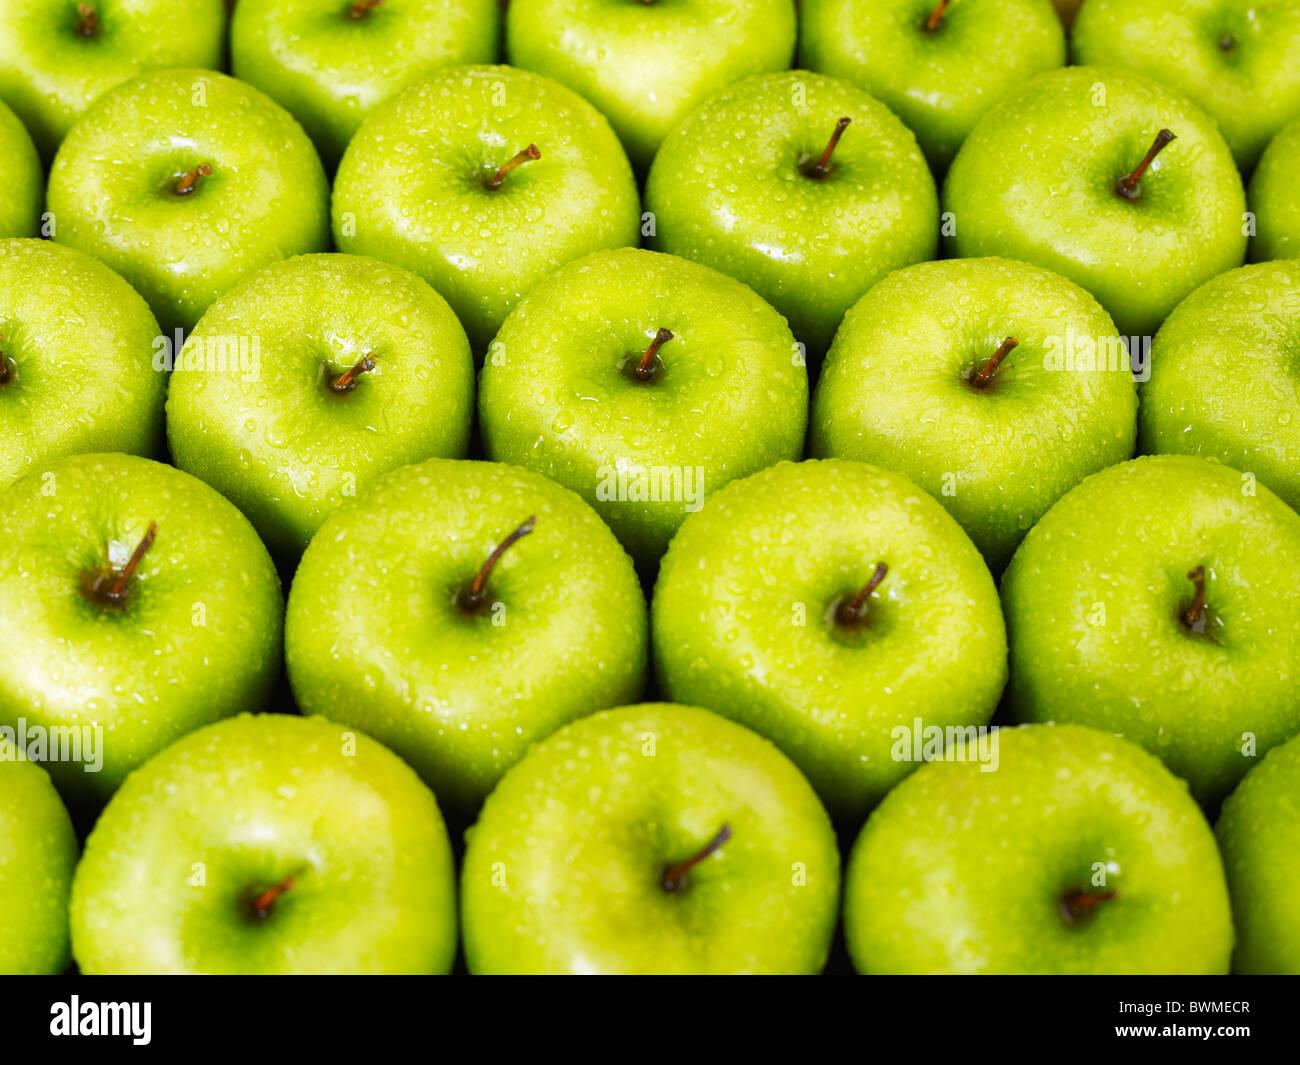 Gran grupo de manzanas verdes en una fila. Forma horizontal Imagen De Stock